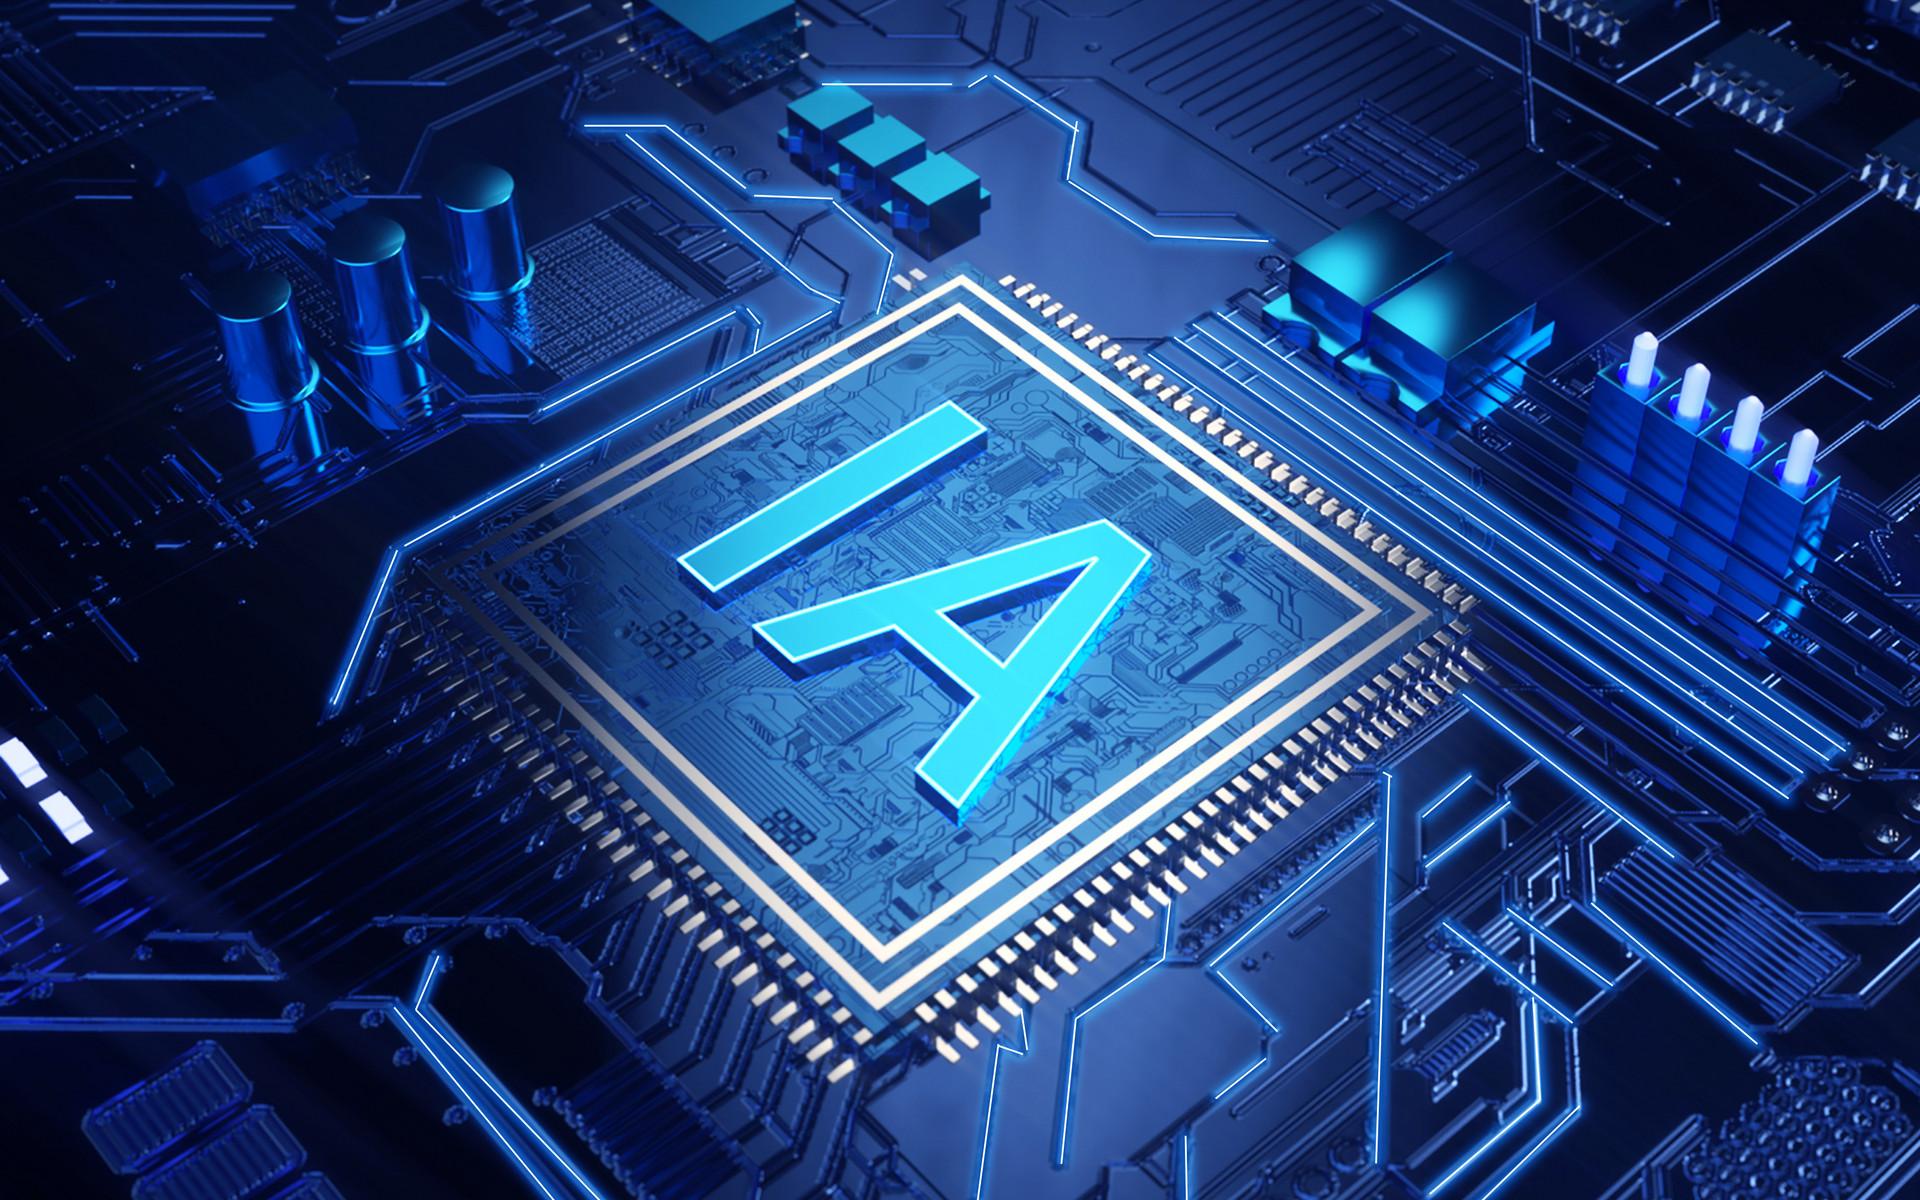 三星电视全新AI处理器曝光 将命名为Mind Processor